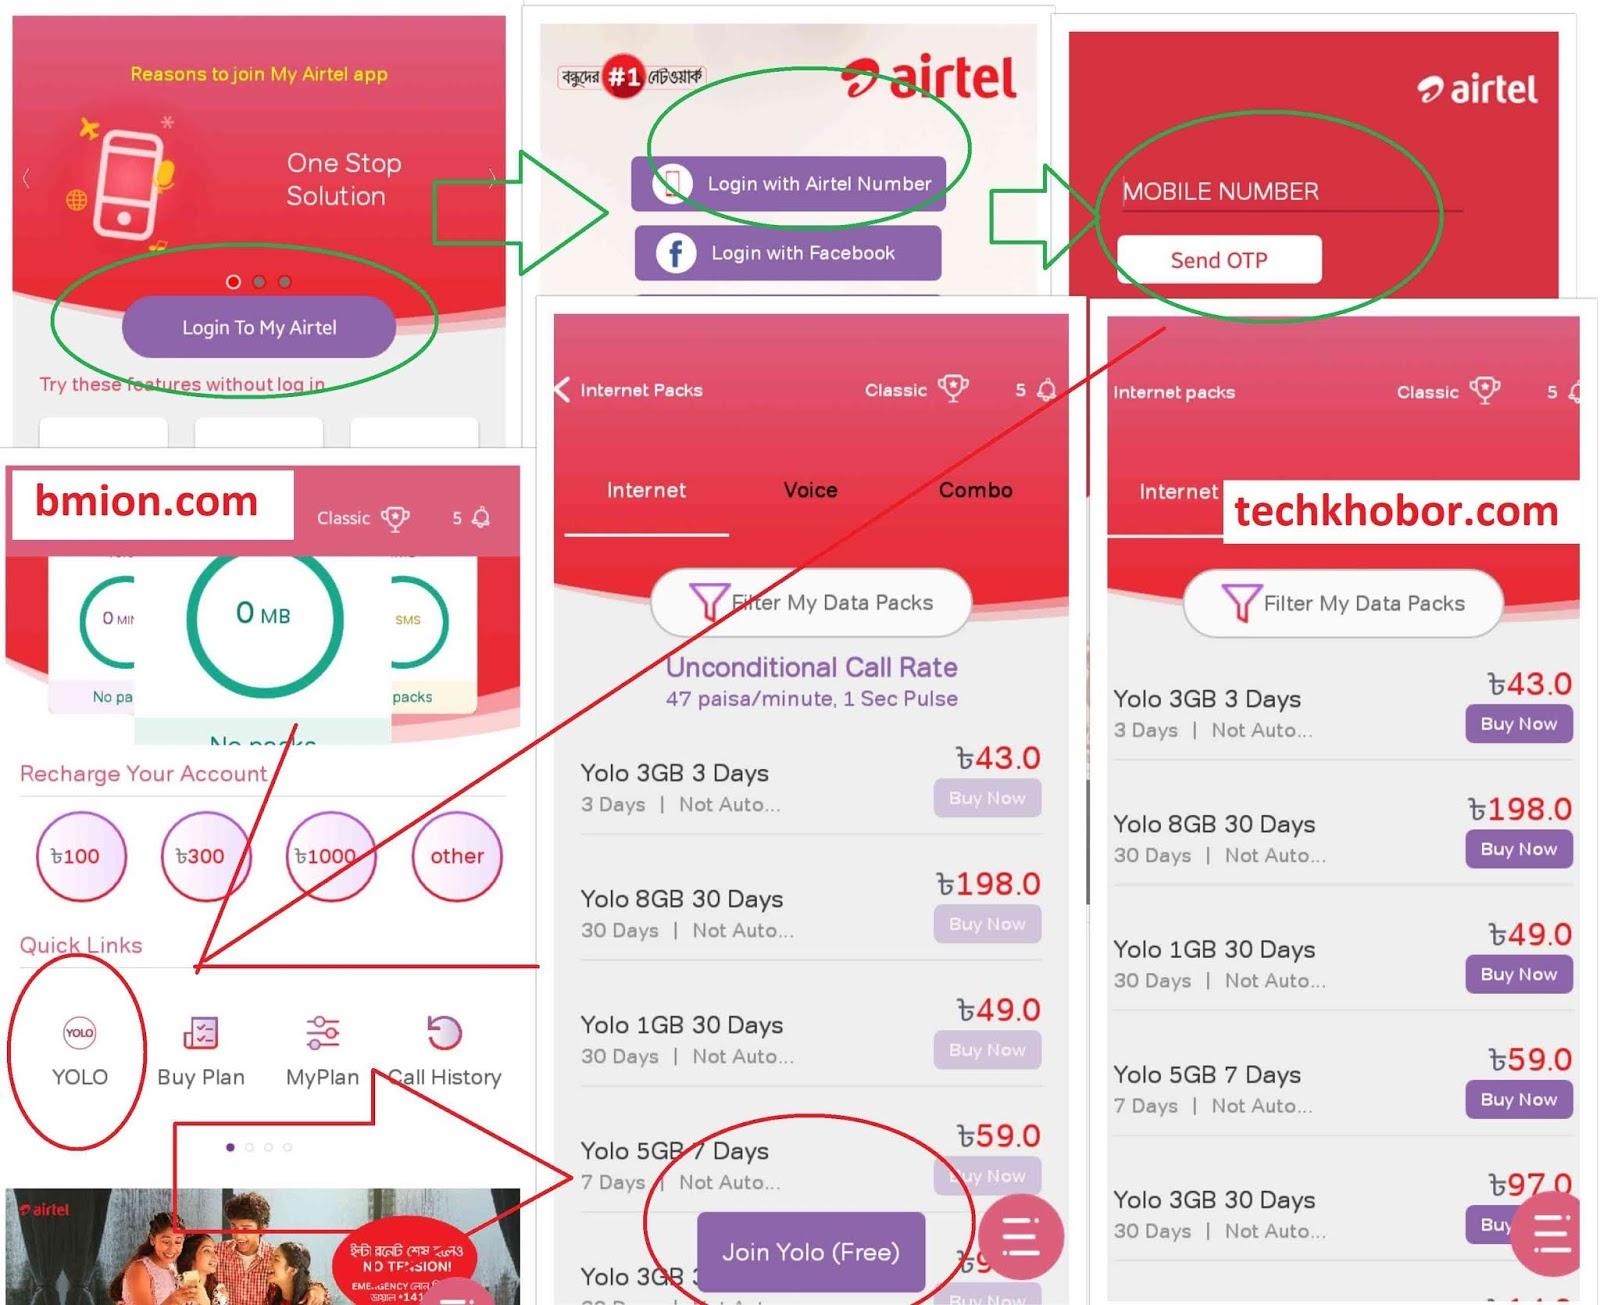 airtel Yolo Pack Internet Offers 500MB 14Tk,1GB 33Tk, 3GB 43Tk,3GB